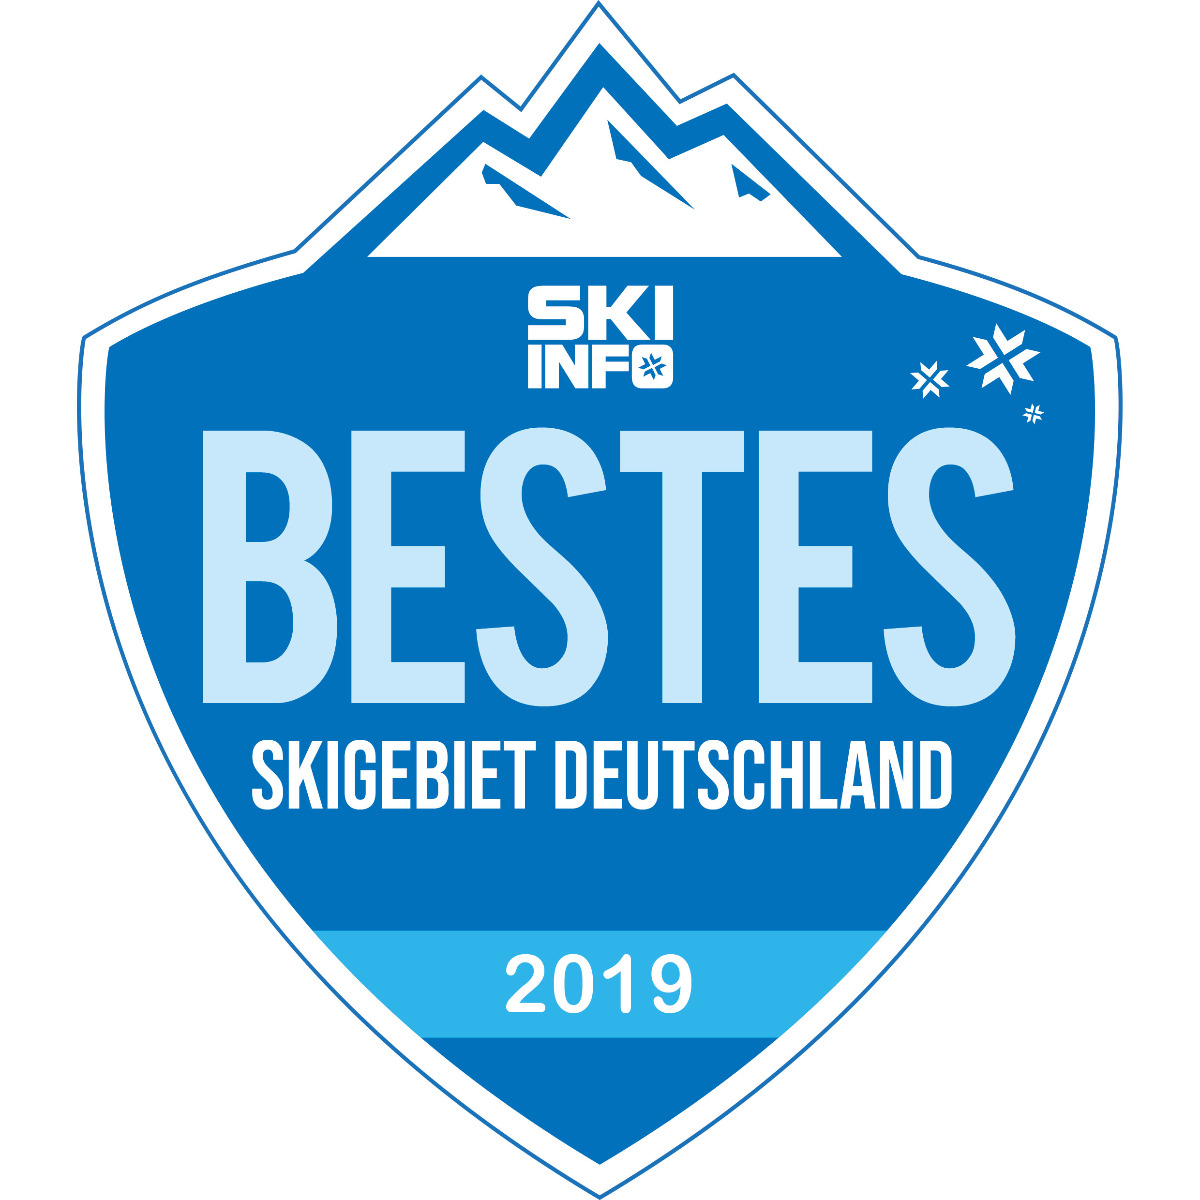 Bestes Skigebiet in Deutschland 2018/2019